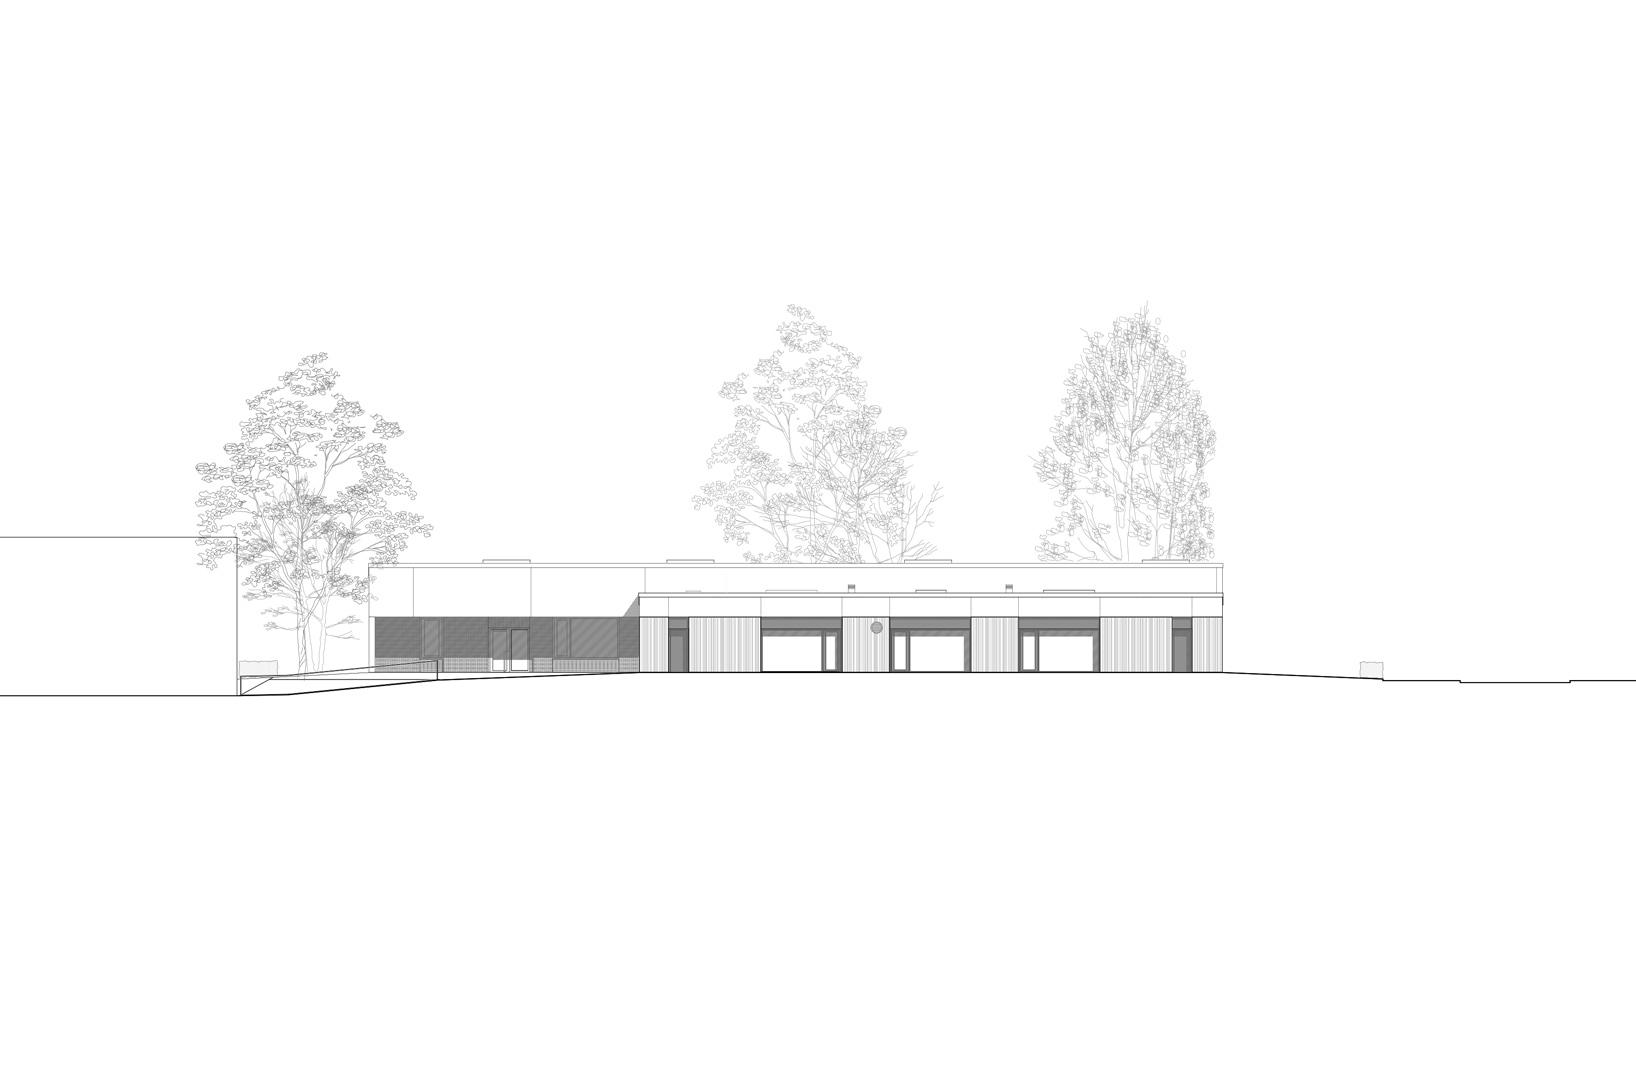 400-Nordostfassade-Kindergarten-Aare-Nord-1_300web.jpg